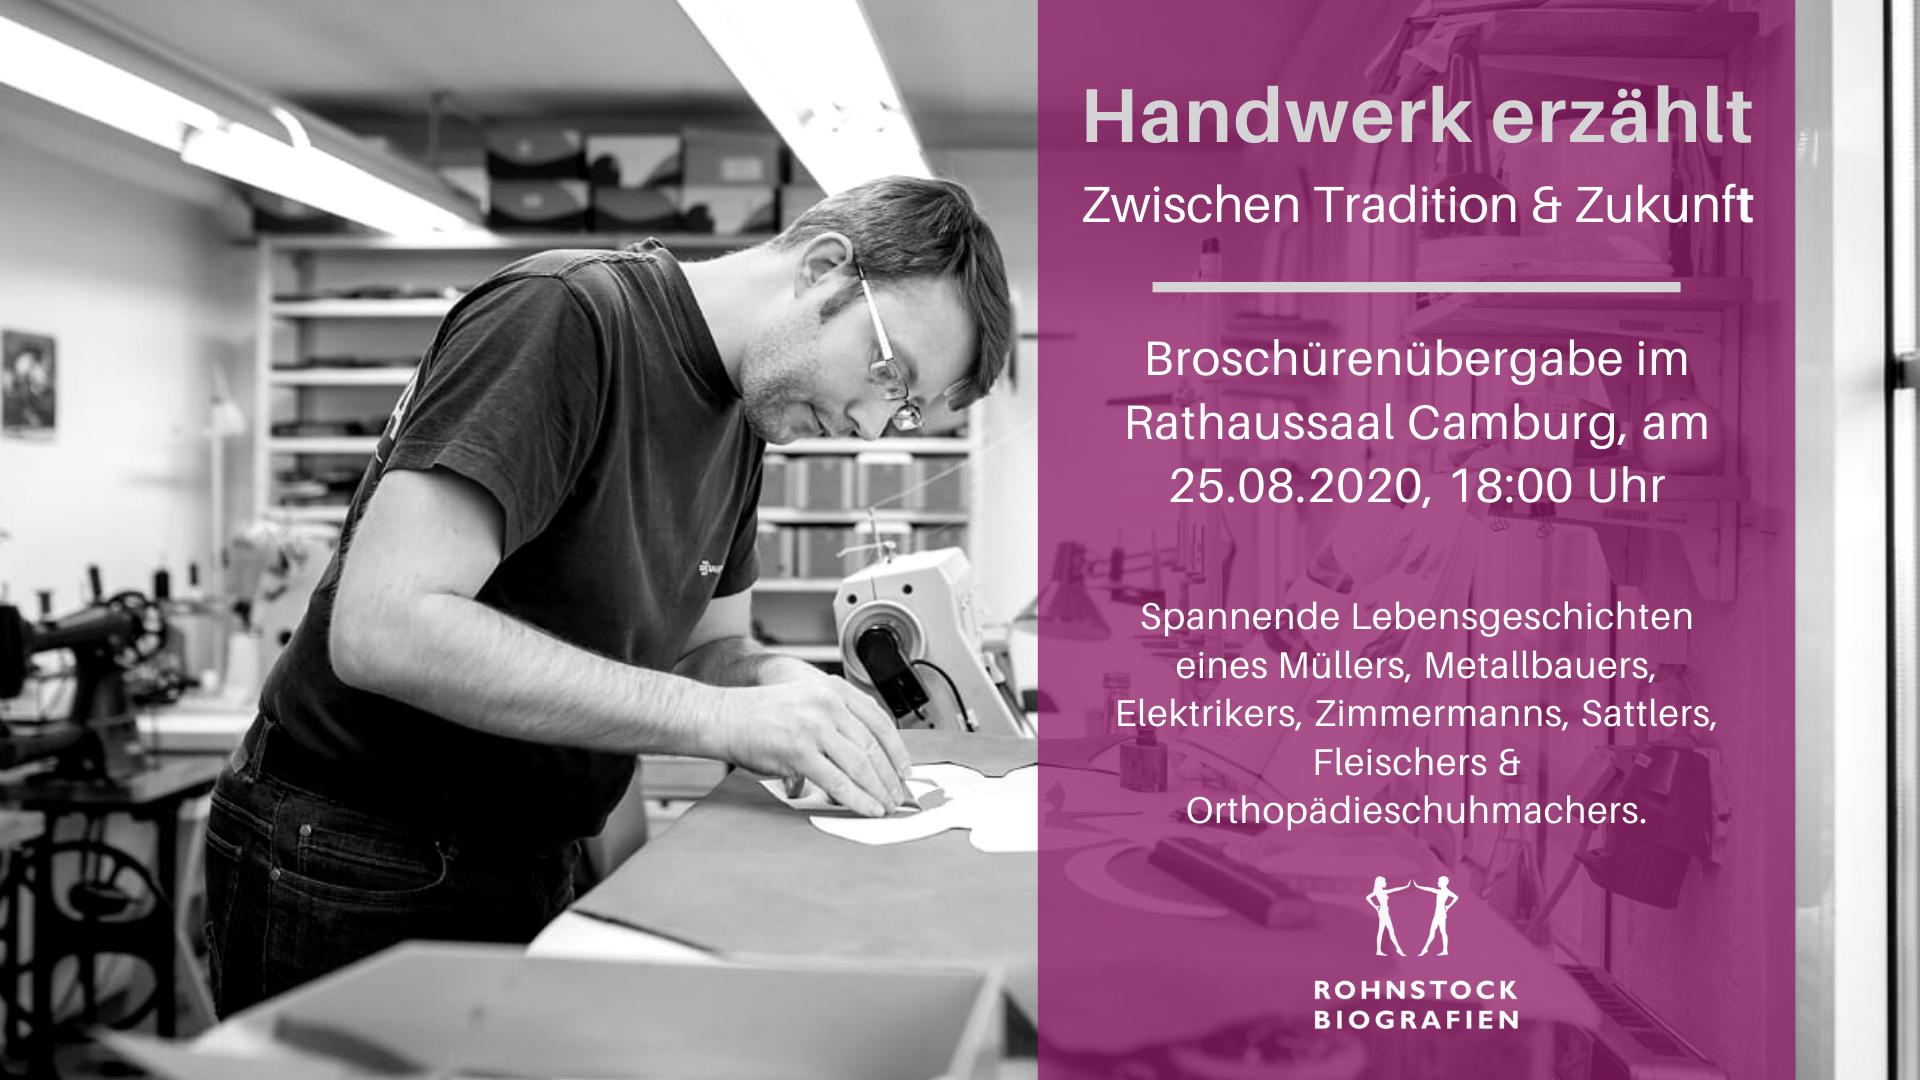 Buchpremiere: Handwerkergeschichten aus Dornburg-Camburg @ Kleiner Rathaussaal